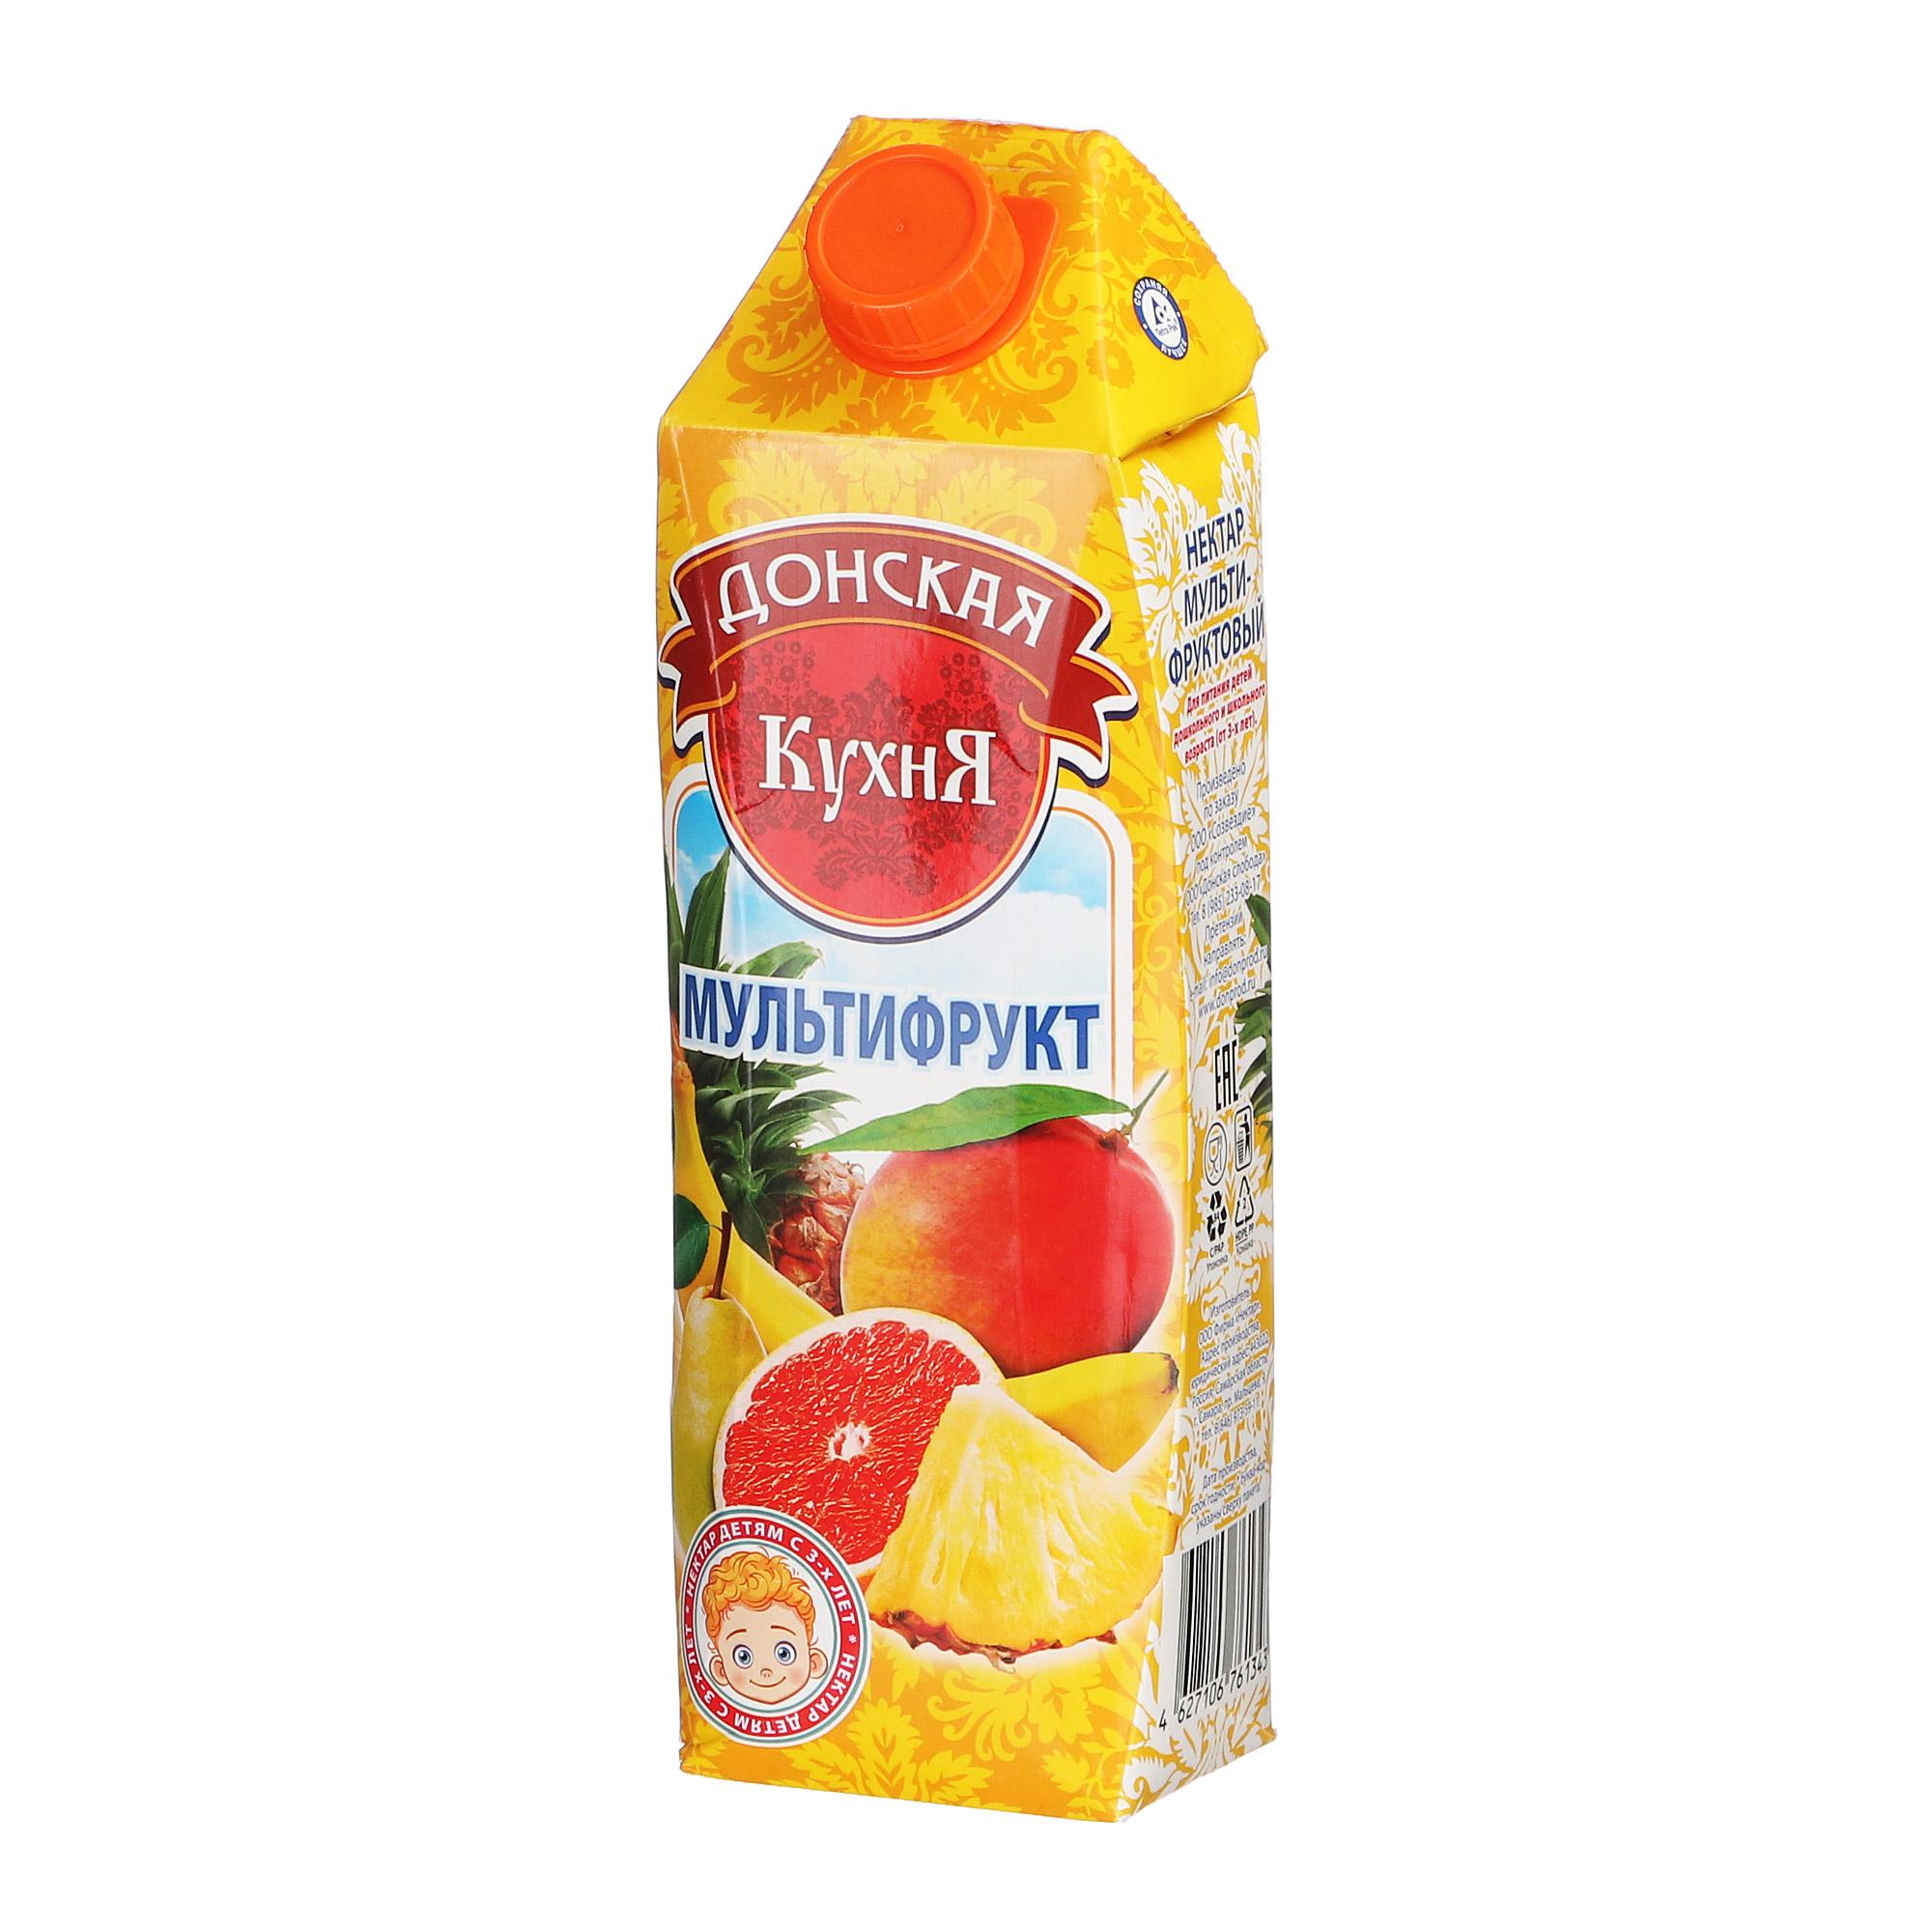 Нектар мультифрукт Донская кухня 1 л нектар удачный яблочно облепиховый неосветленный 1 л